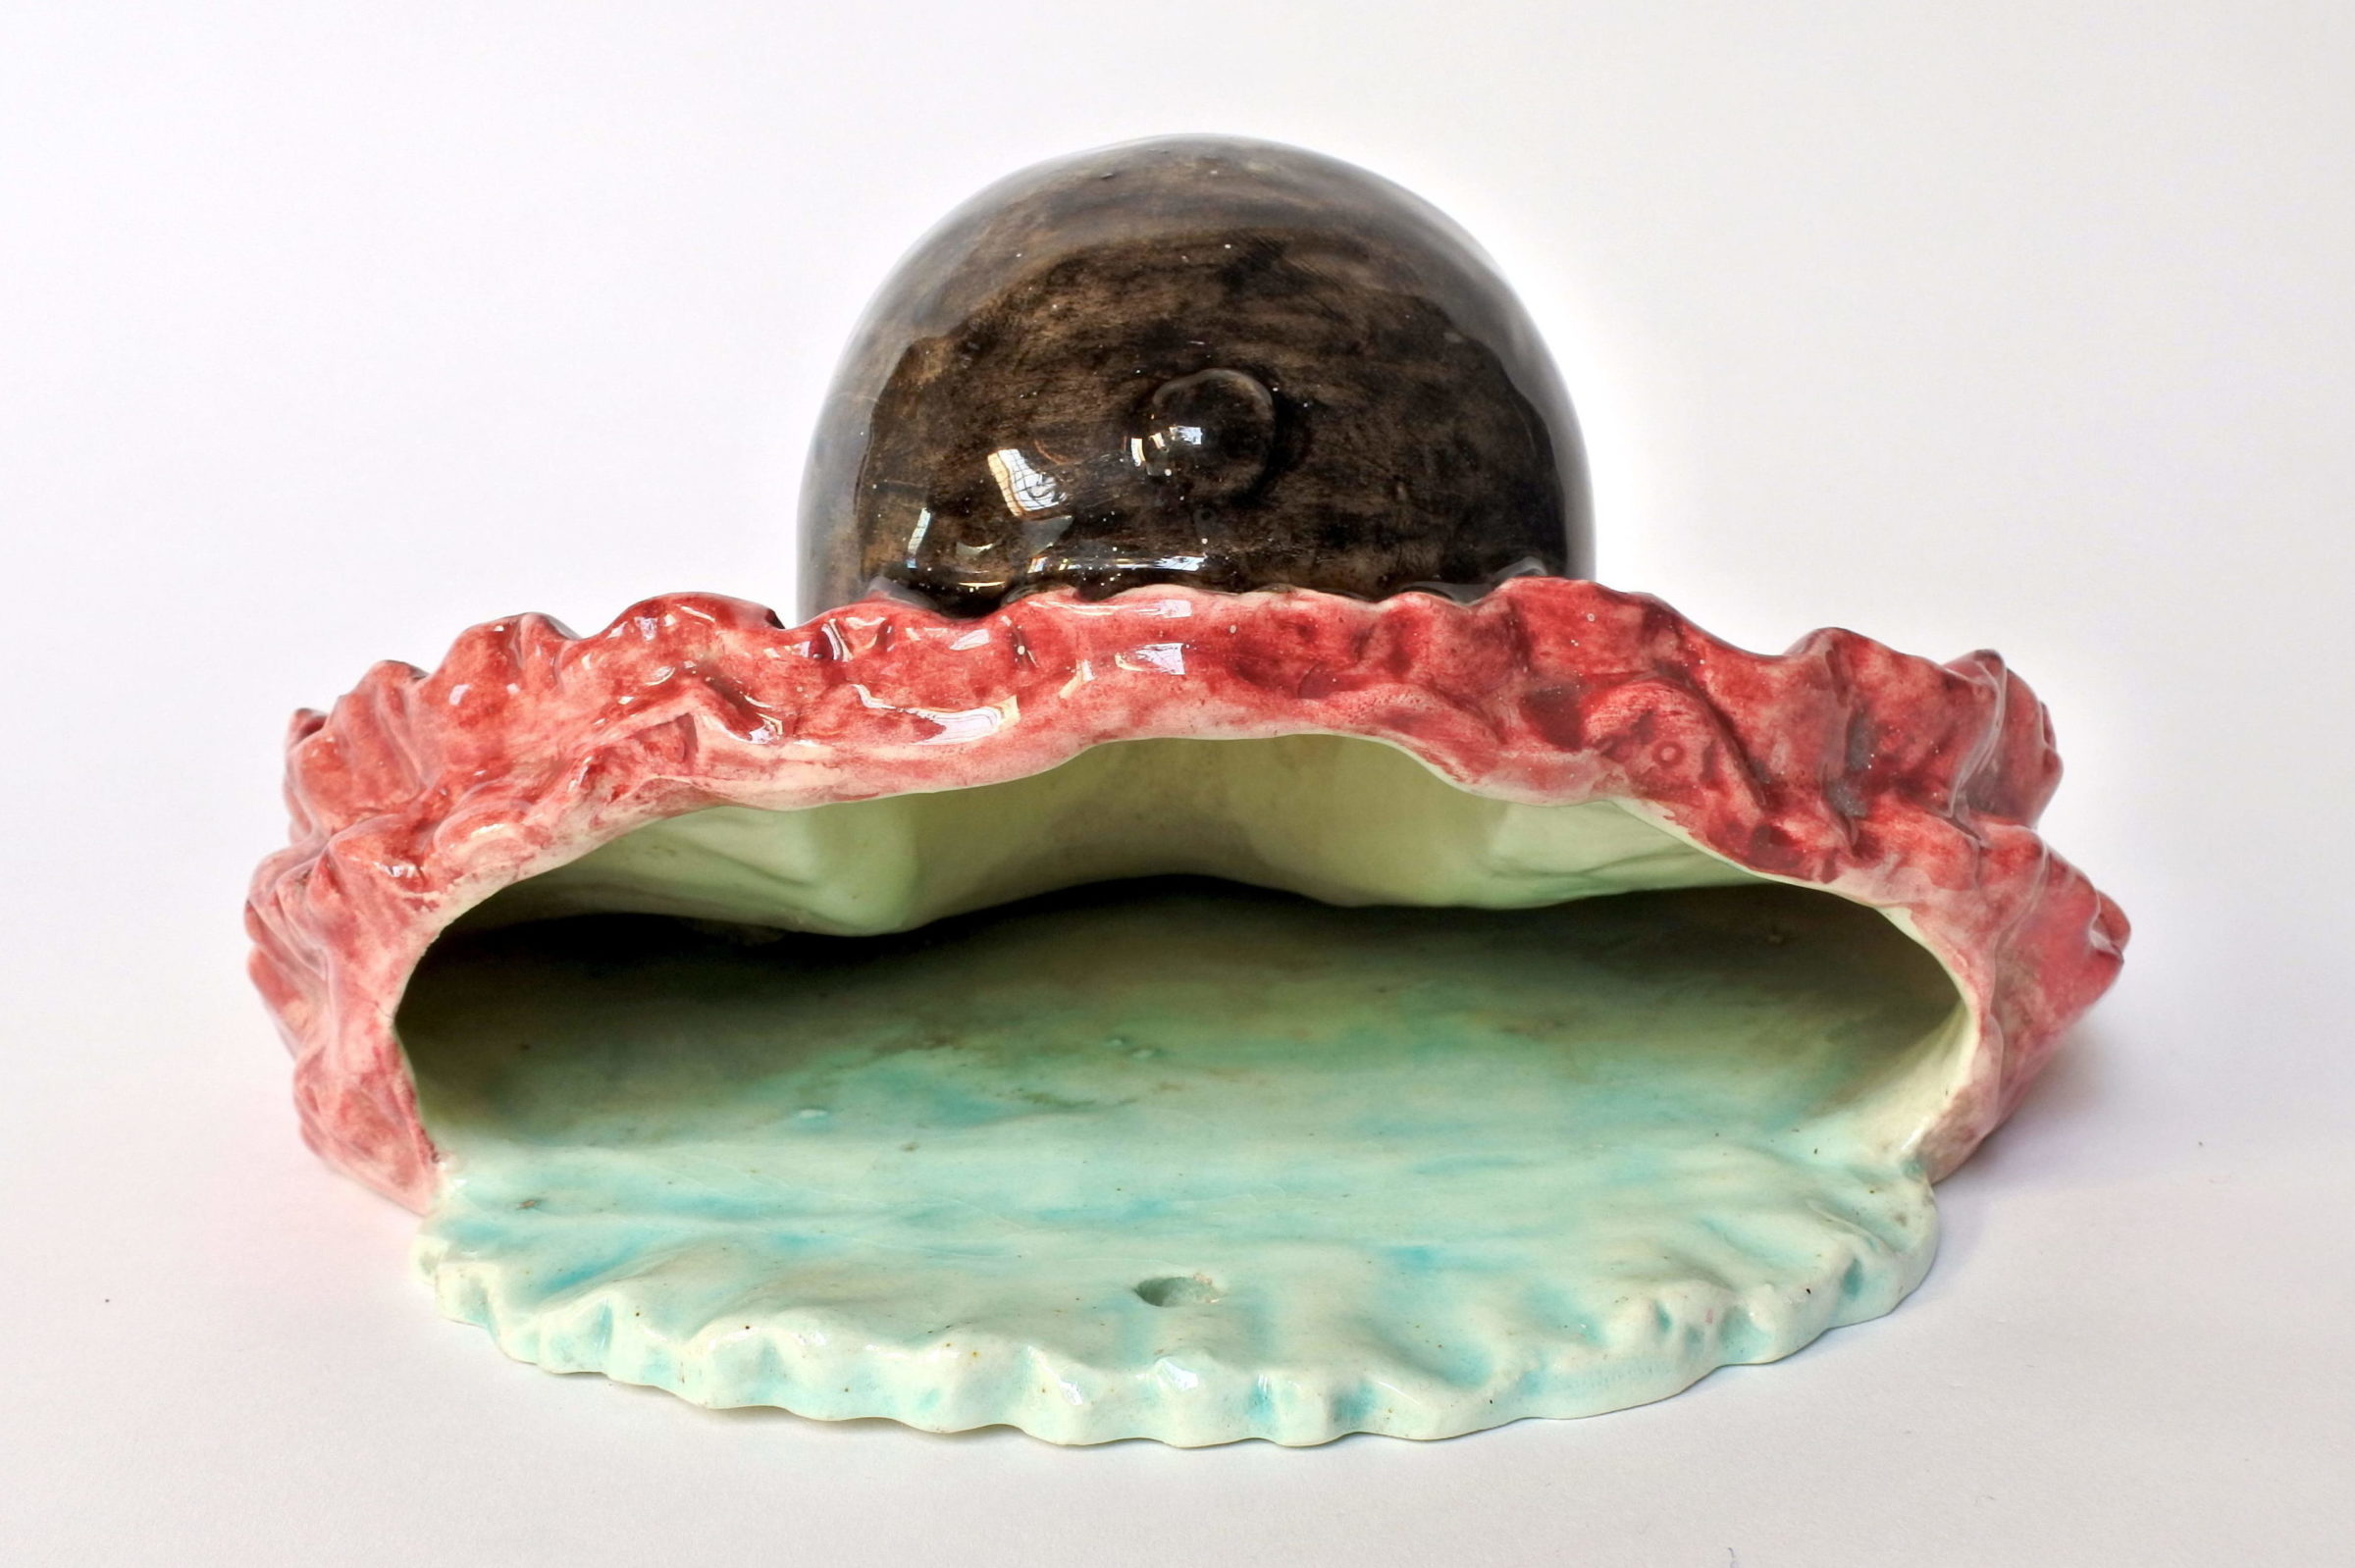 Portafiori in ceramica barbotine rappresentante testa di clown - 3